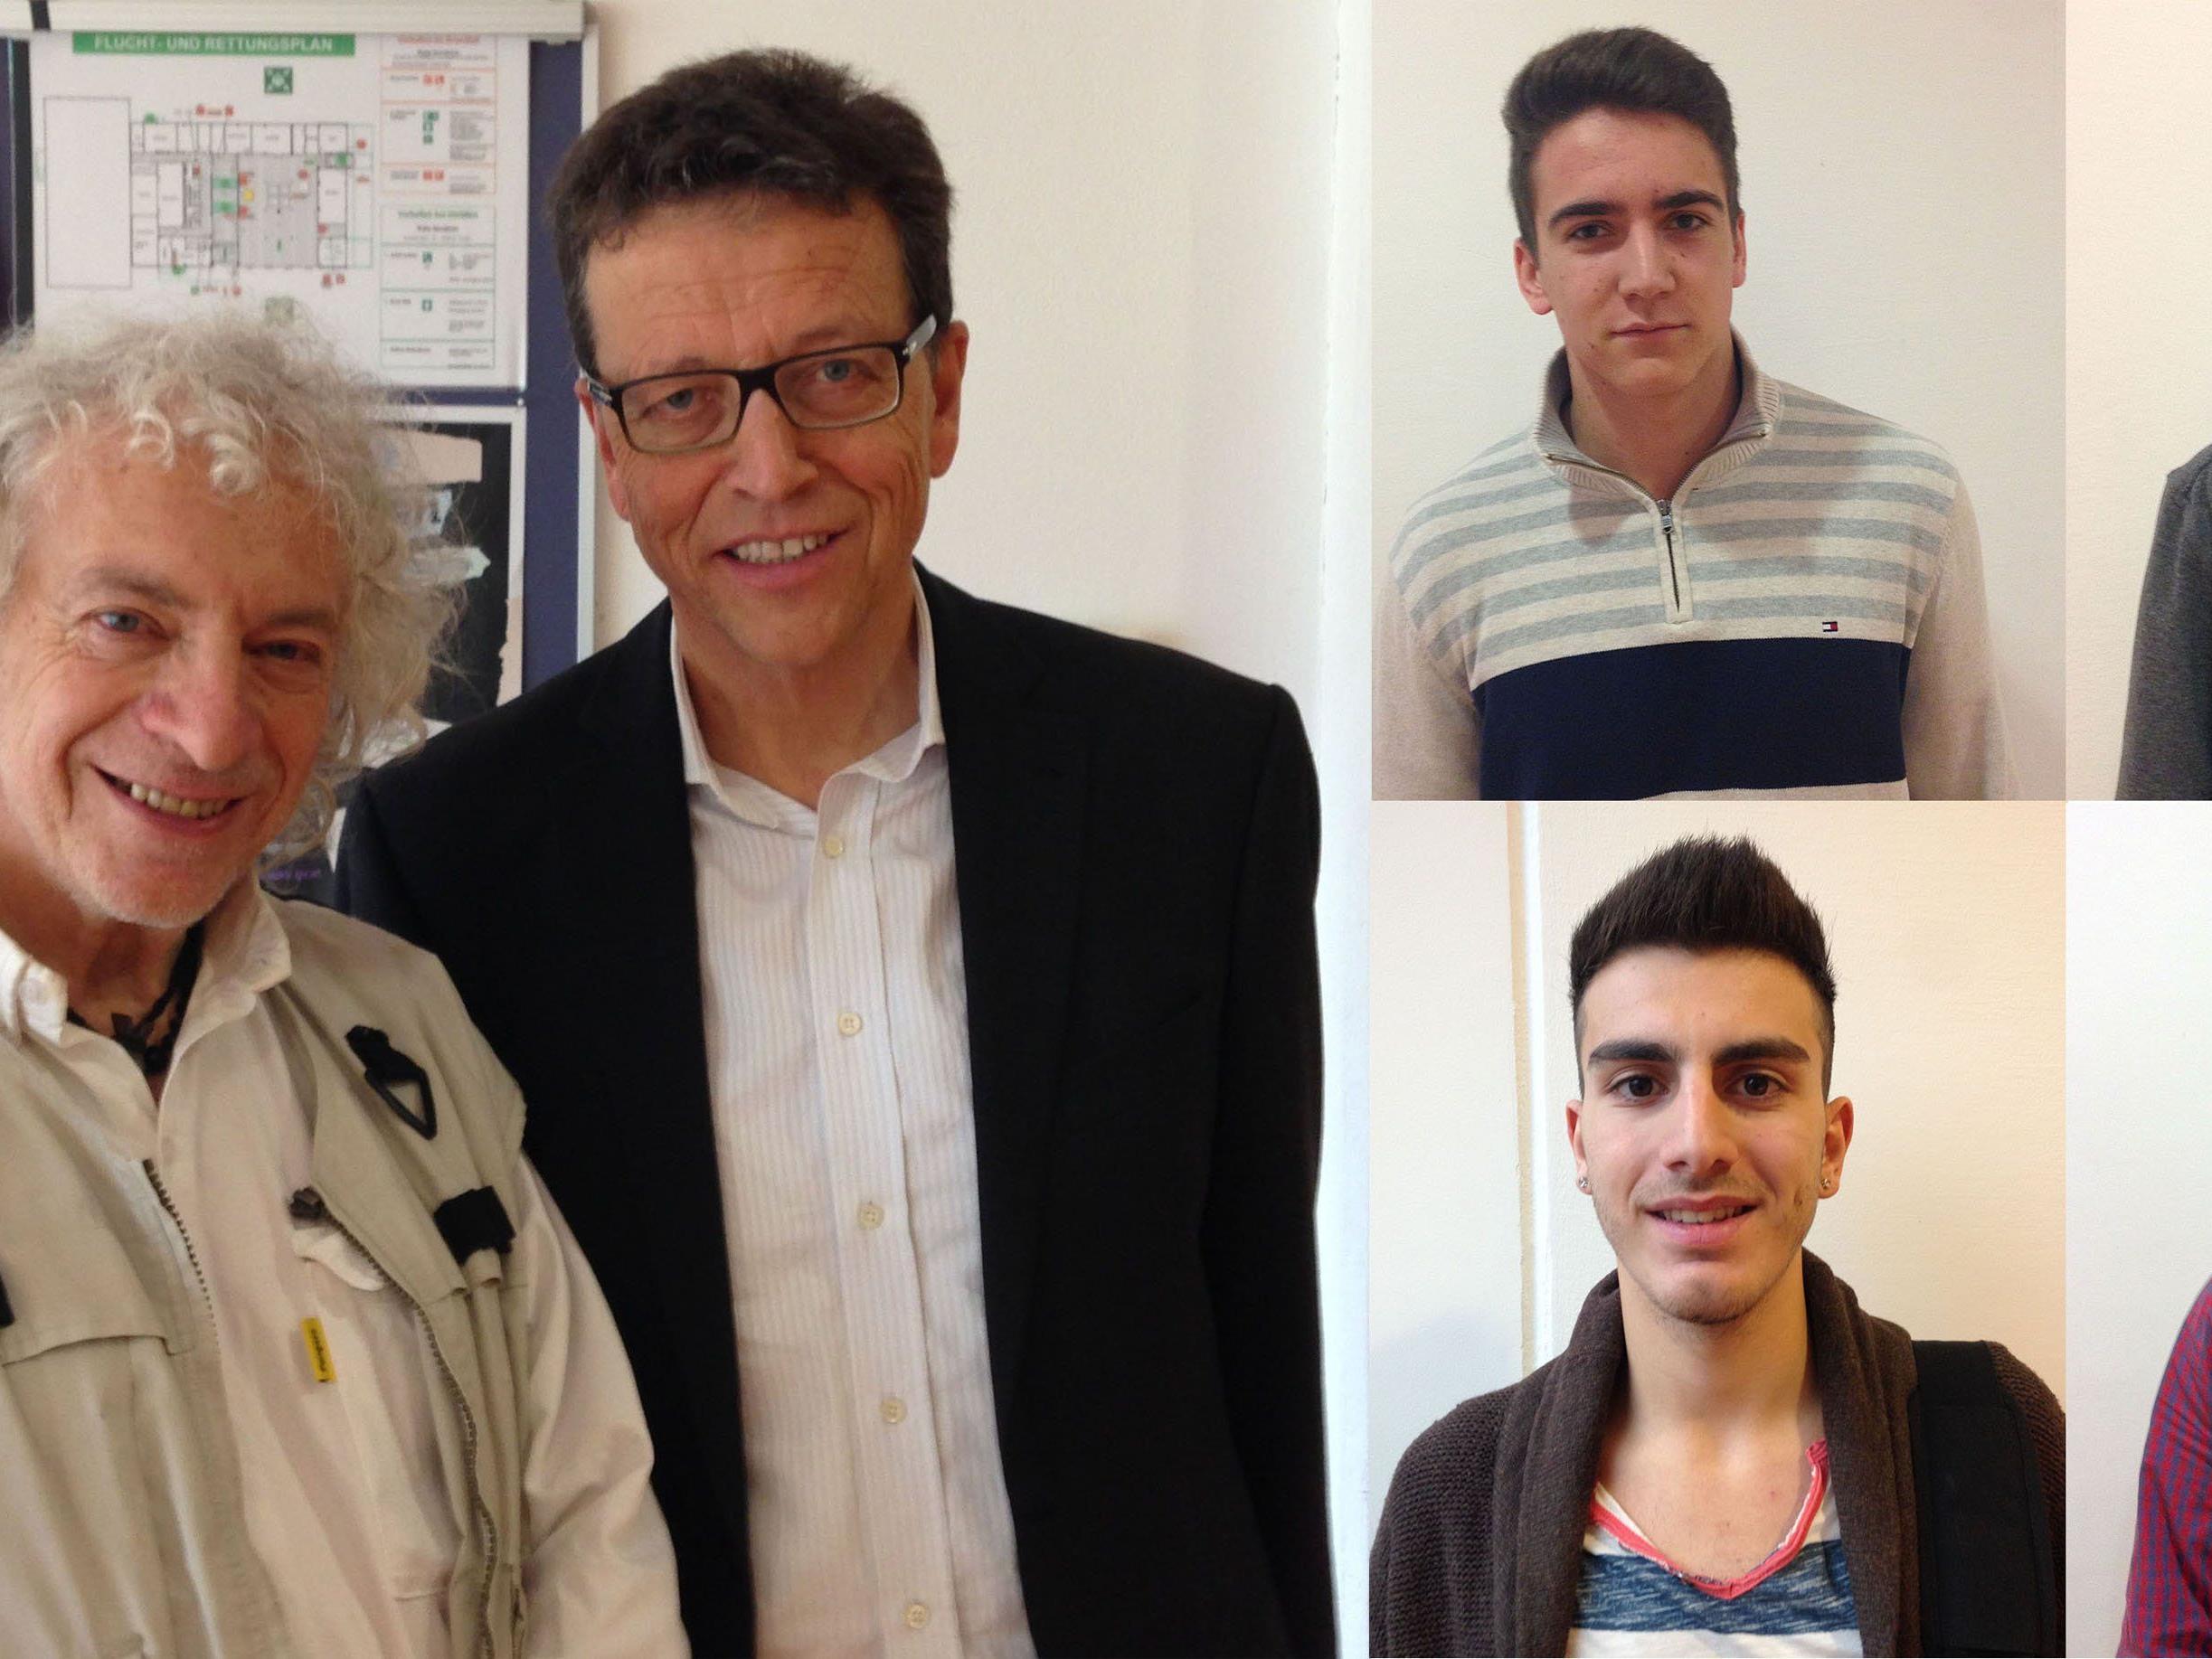 Projekte der Hoffnung am BGBB (v.li.): Montenegro, Amann, Hinteregger, Panic, Demircan, Summer.